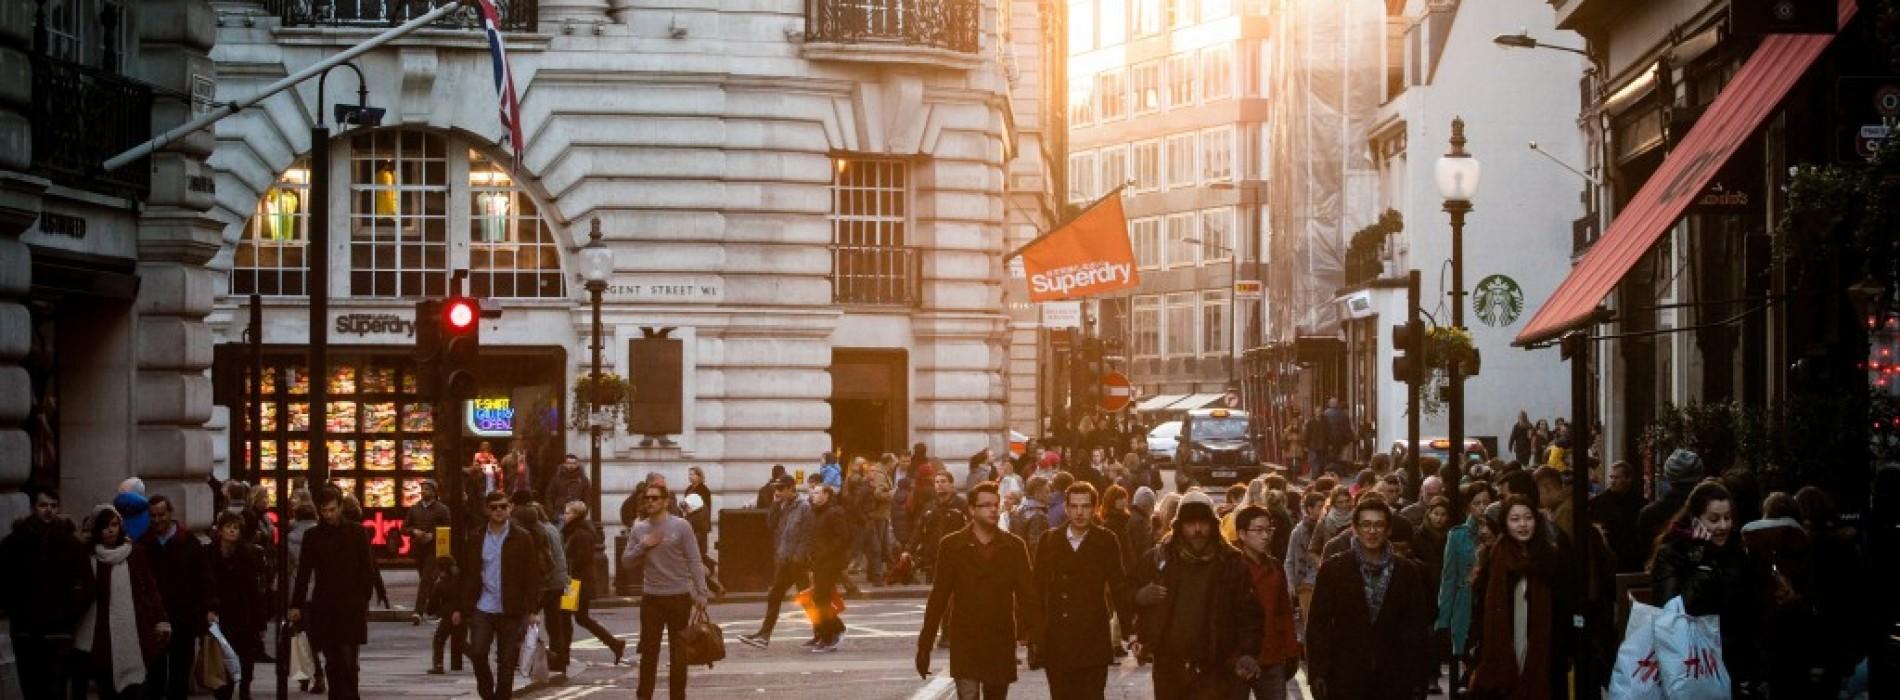 Какво е обяснението на шопинг манията, която завладява света преди Коледа, и как да бъдем по-разумни в пазаруването